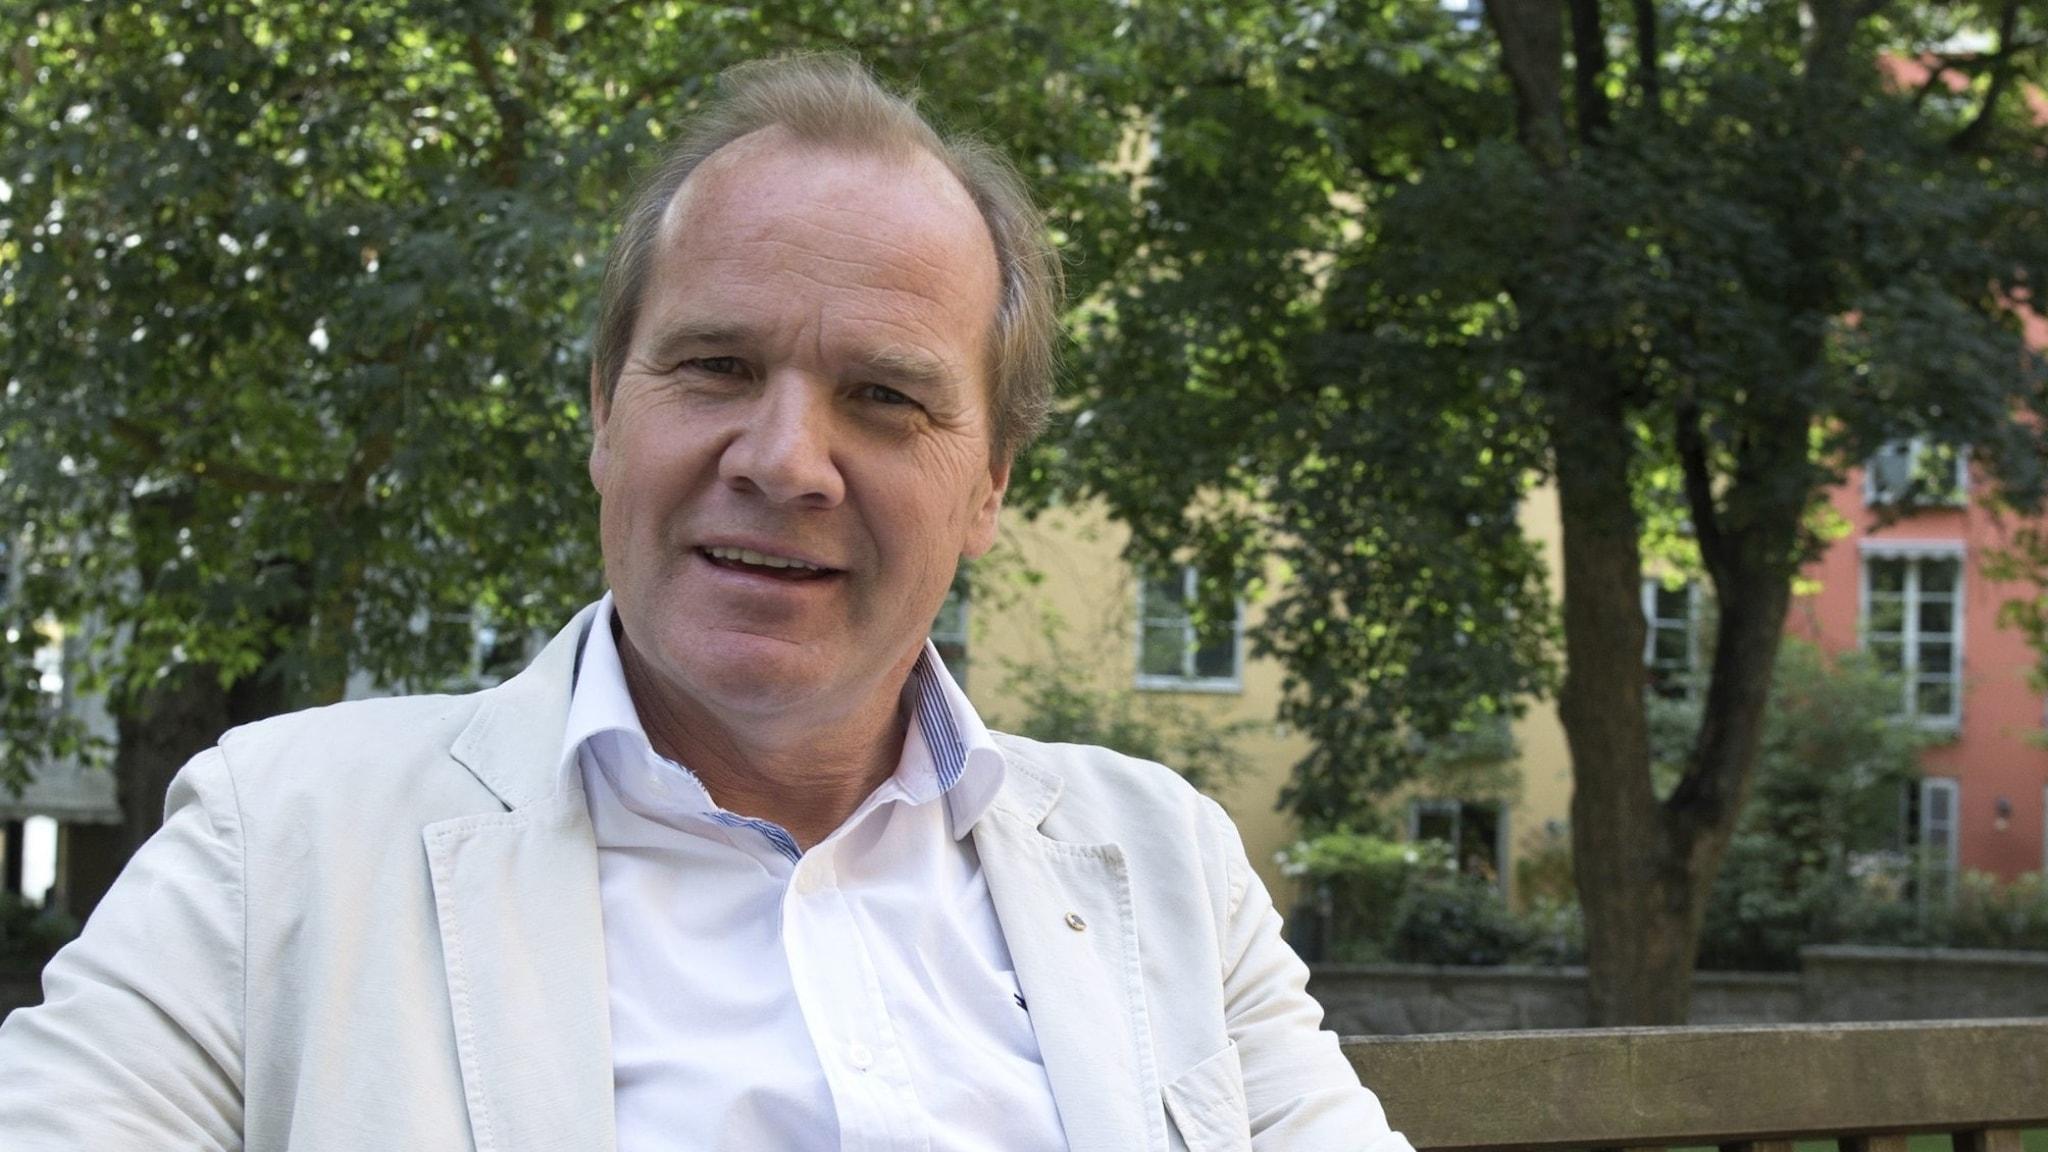 På fotot sitter Anders Lago på en parkbänk. Han är klädd i en ljus kavaj och vit skjorta.